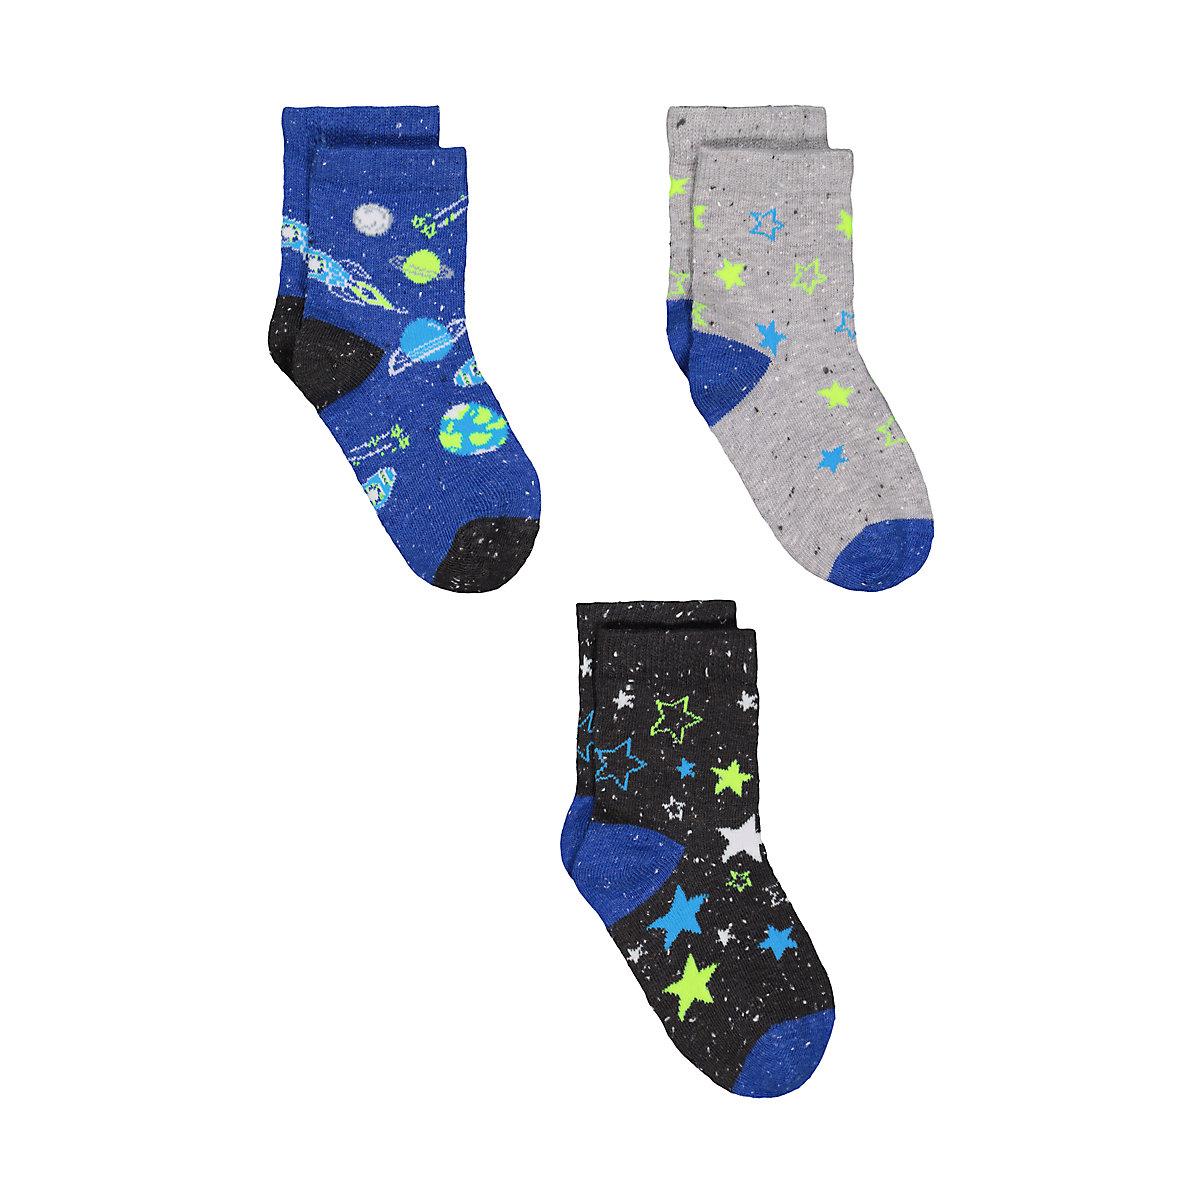 space socks - 3 pack